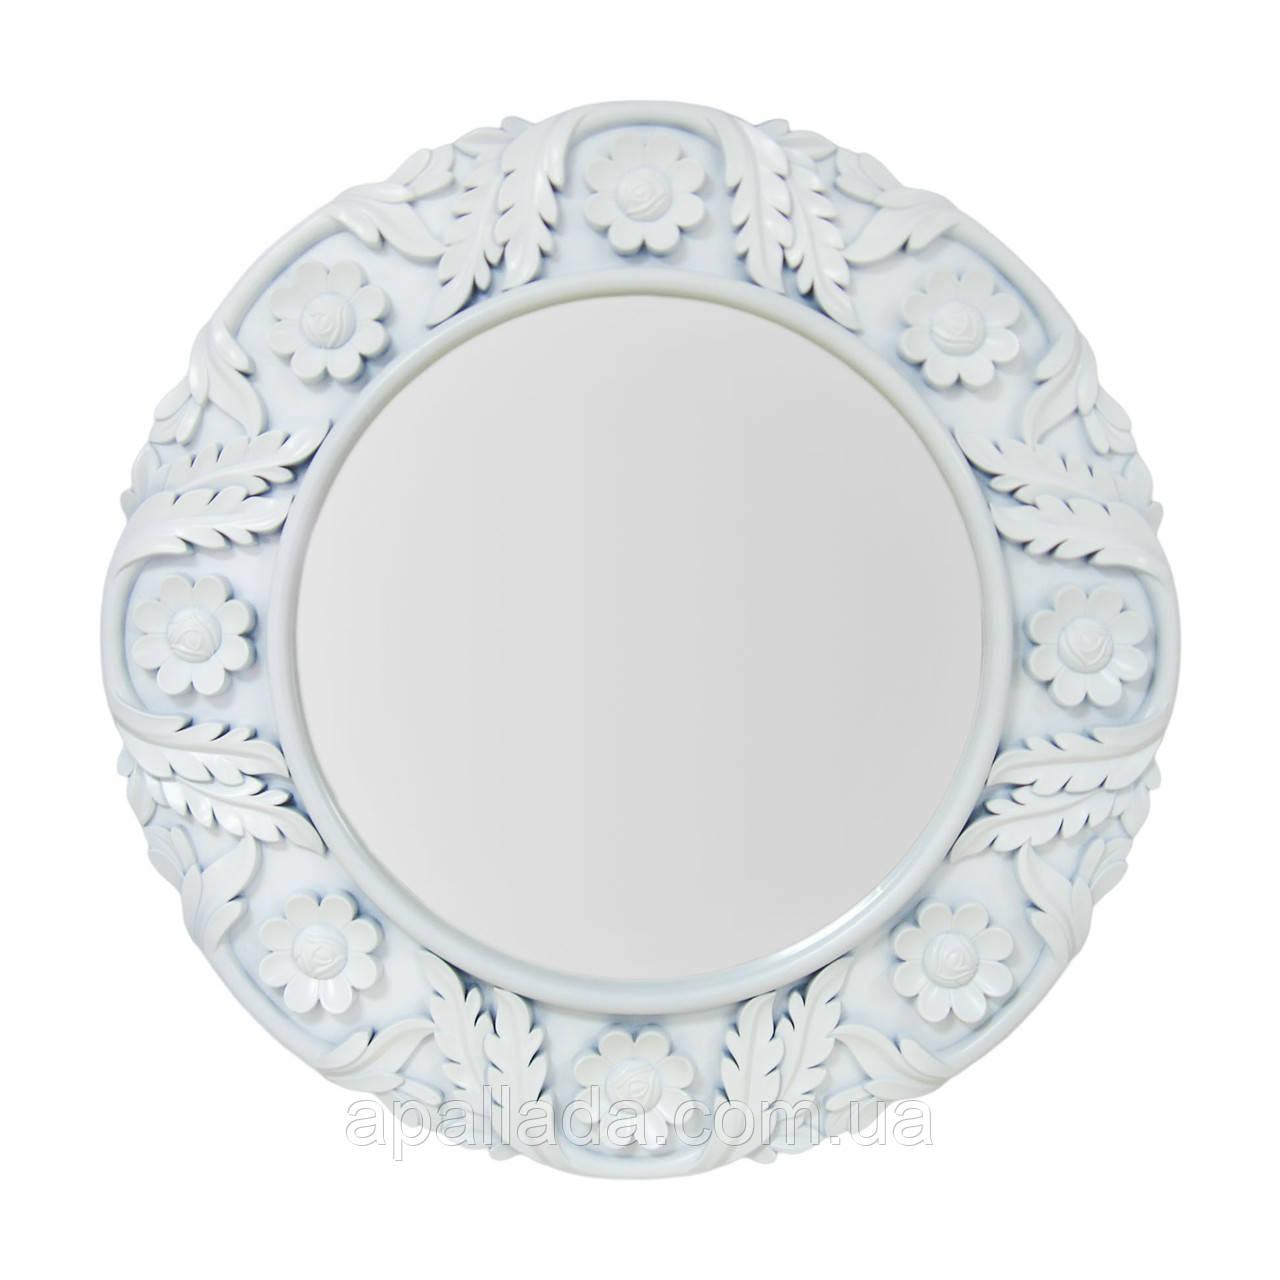 Зеркало круглое 68 см.